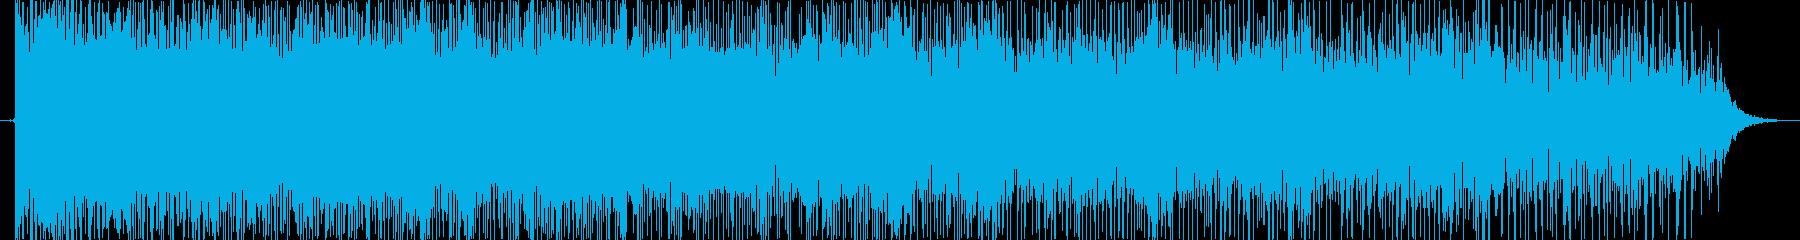 派手なレトロなぴゅーん 下降 コミカルの再生済みの波形